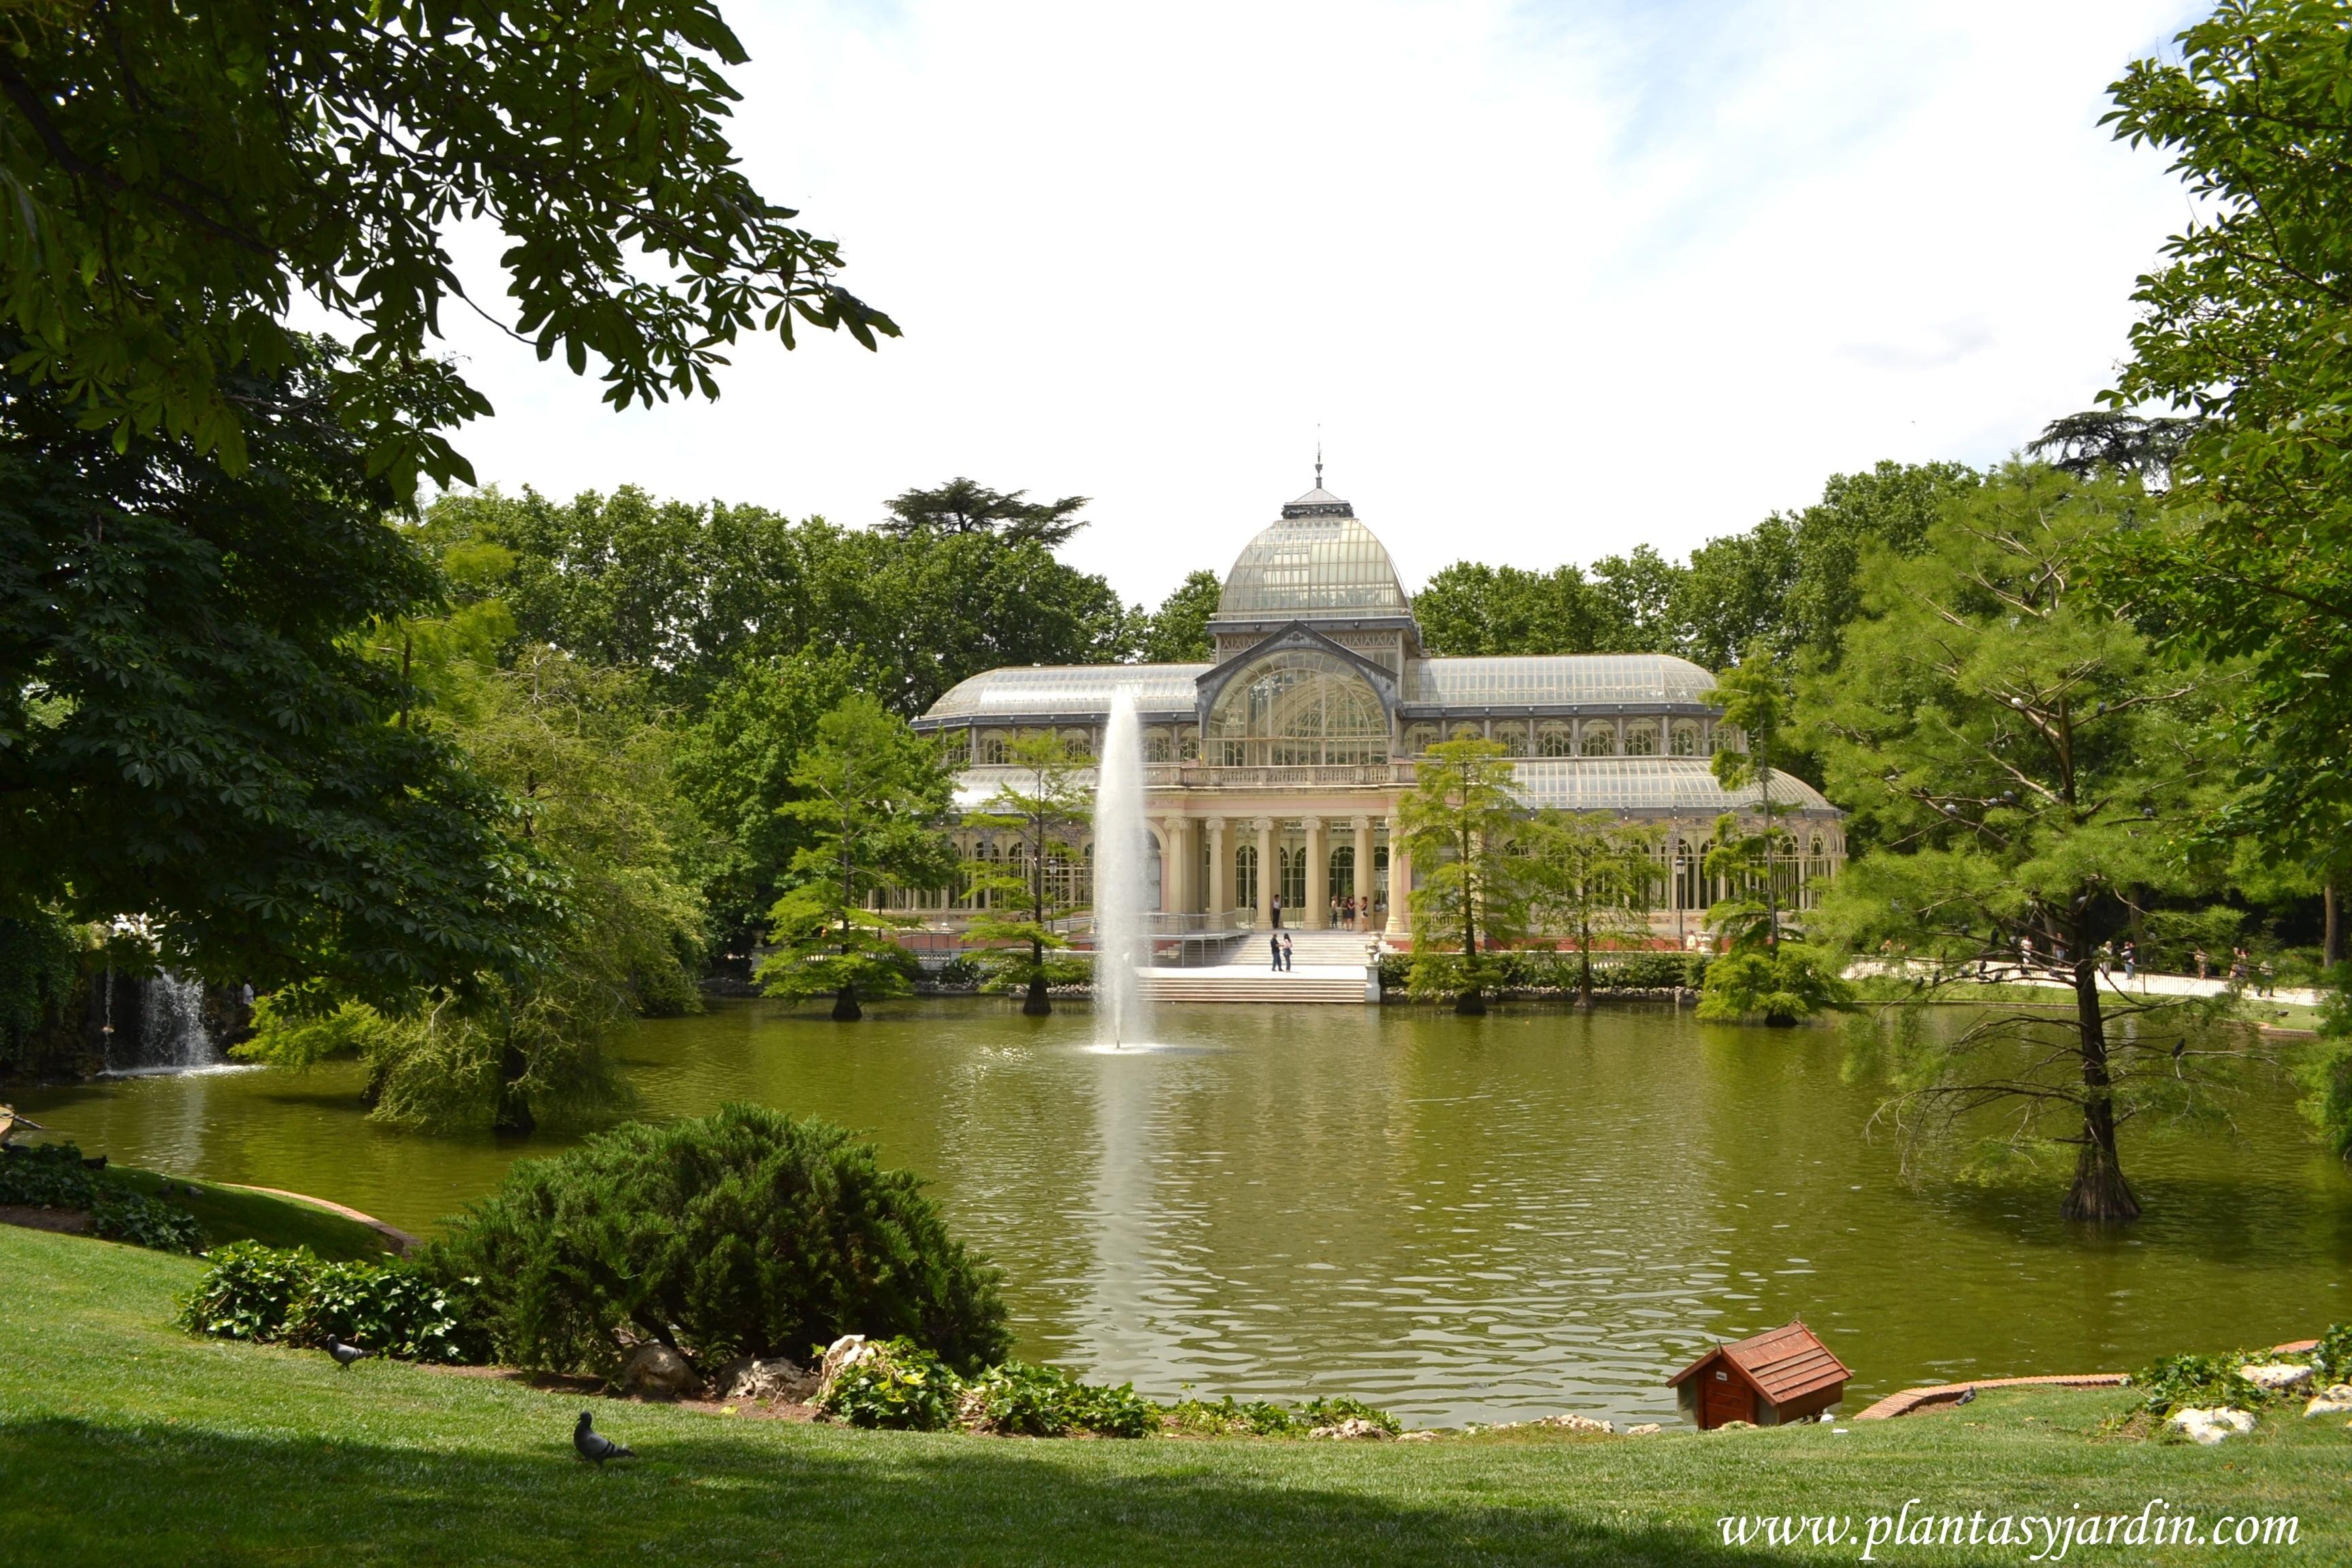 El Palacio de Cristal en el Parque del Buen Retiro en Madrid